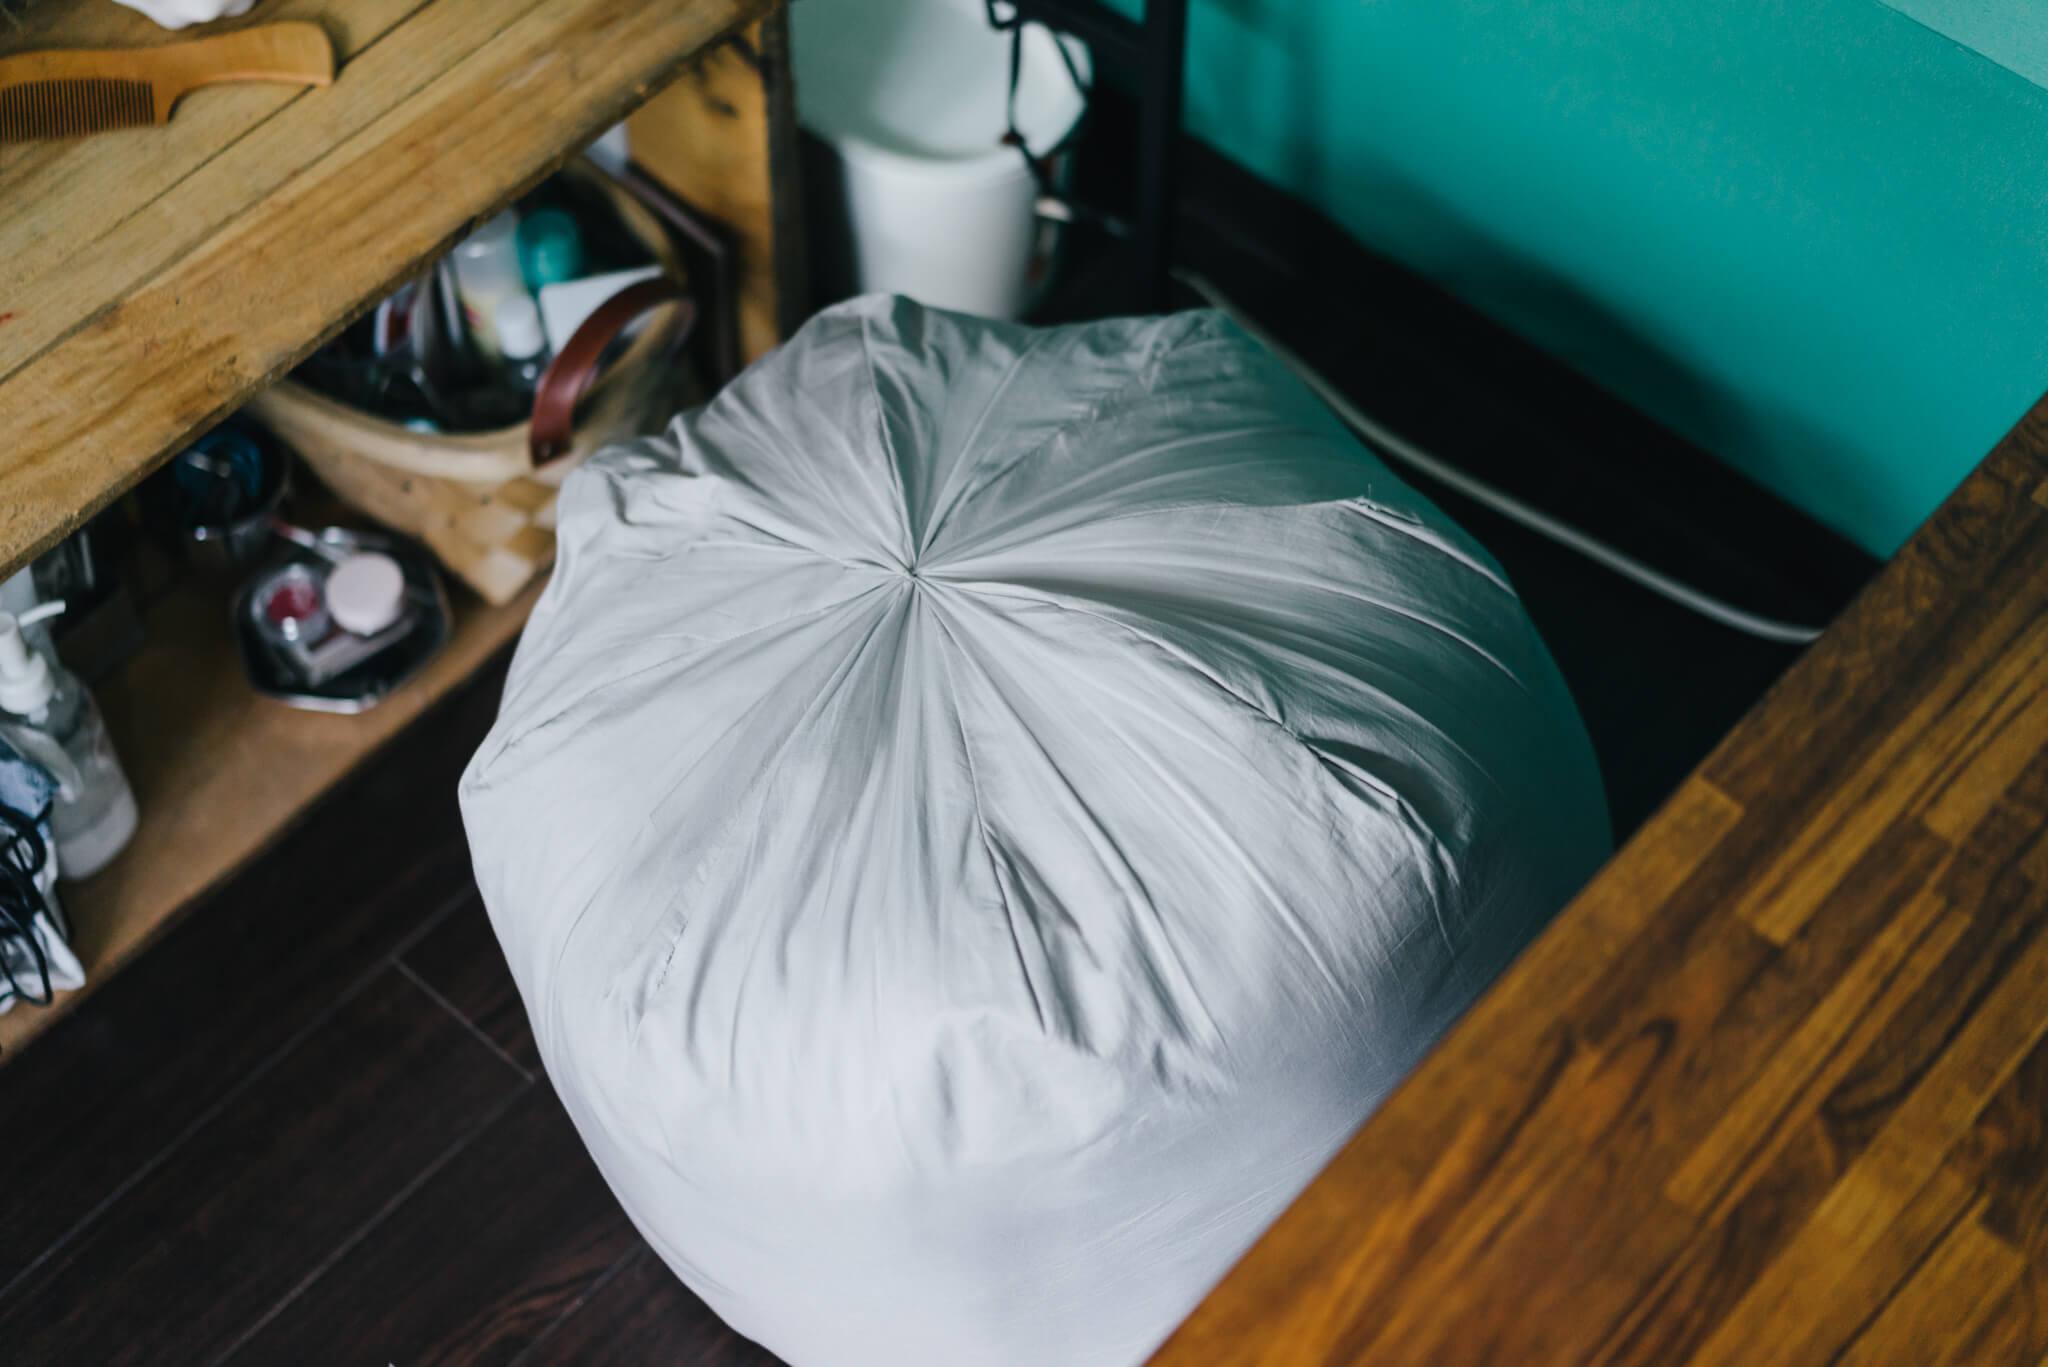 手作りの大きめクッション、プフの中身は実は冬用の毛布。なんとも実用的なのに可愛く仕上がっているのが素敵。(このお部屋はこちら)